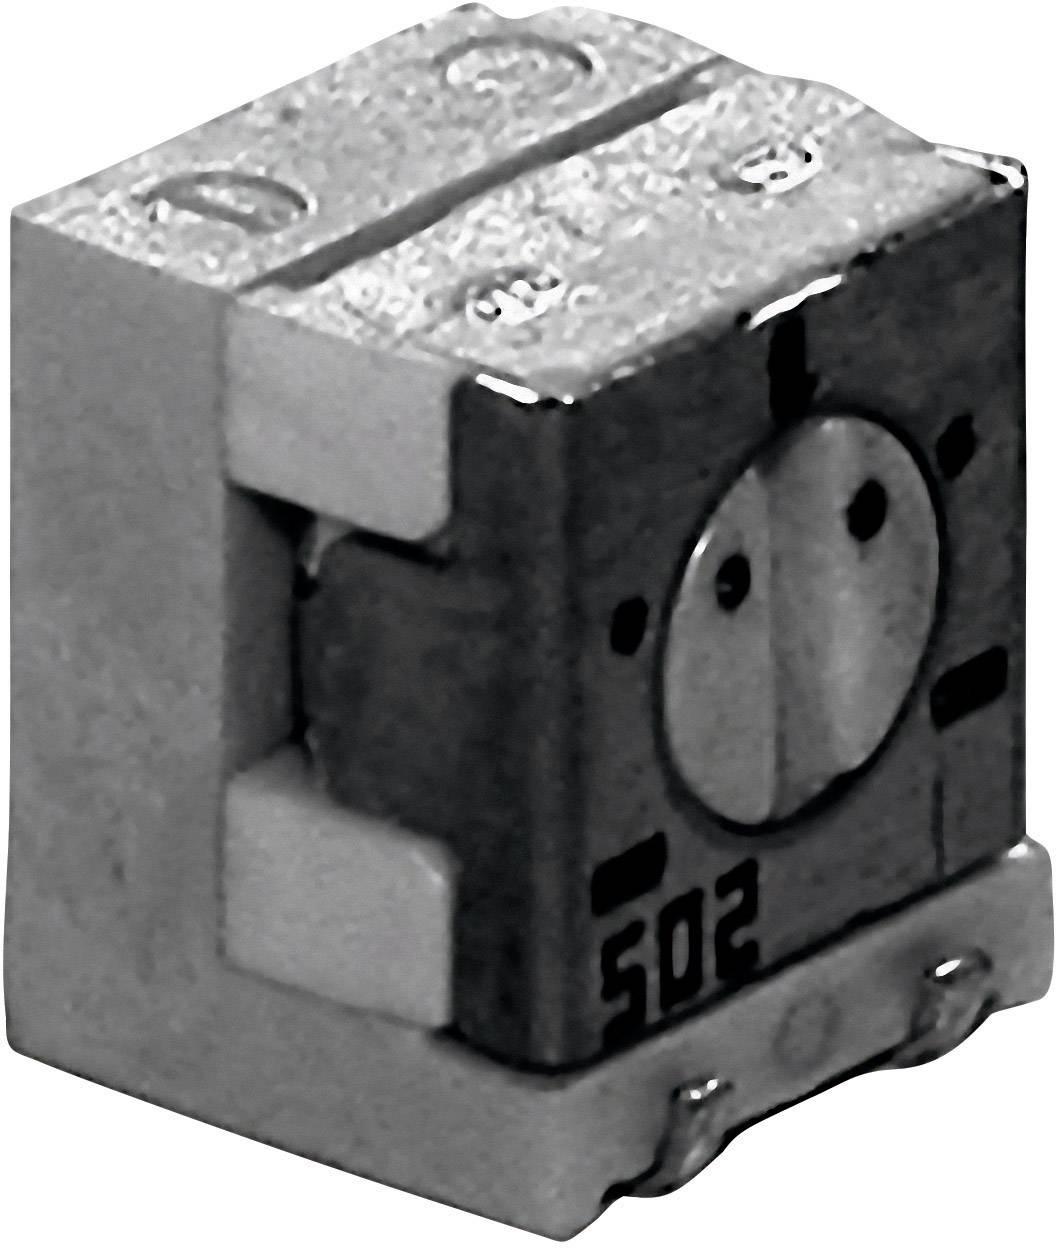 SMD trimr cermet TT Electro, ovl. boční, HC04, 2800587970, 500 kΩ, 0,25 W, ± 20 %